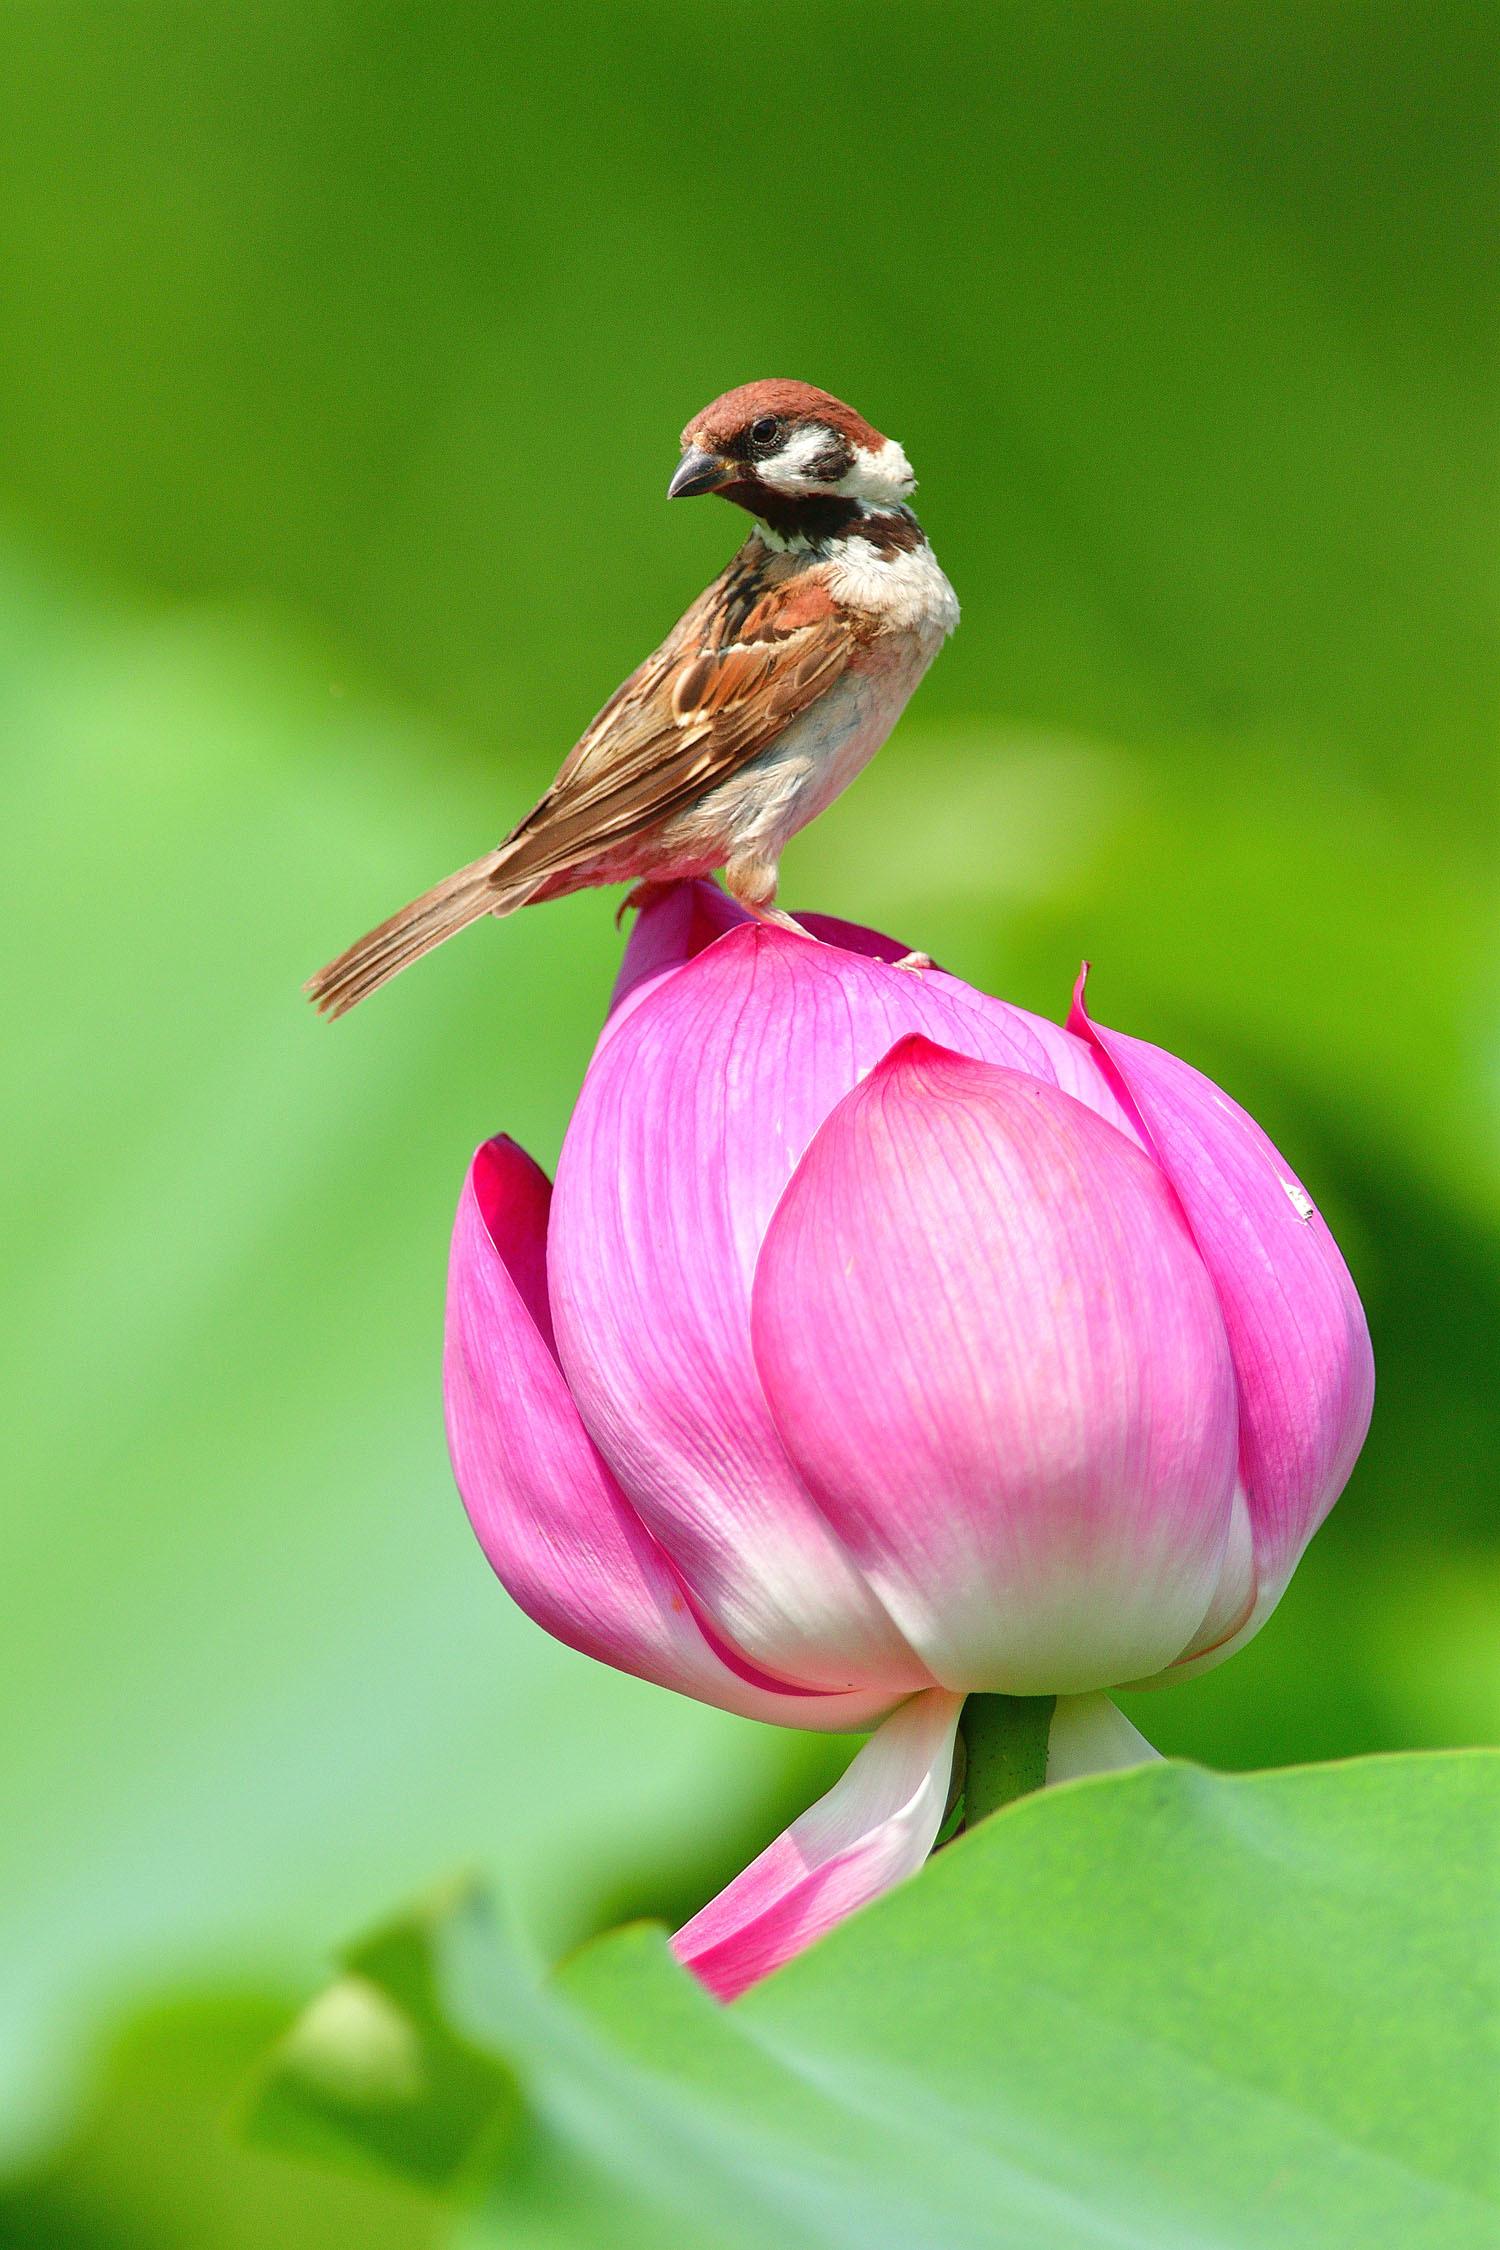 雀と蓮の花_e0362696_15110854.jpg